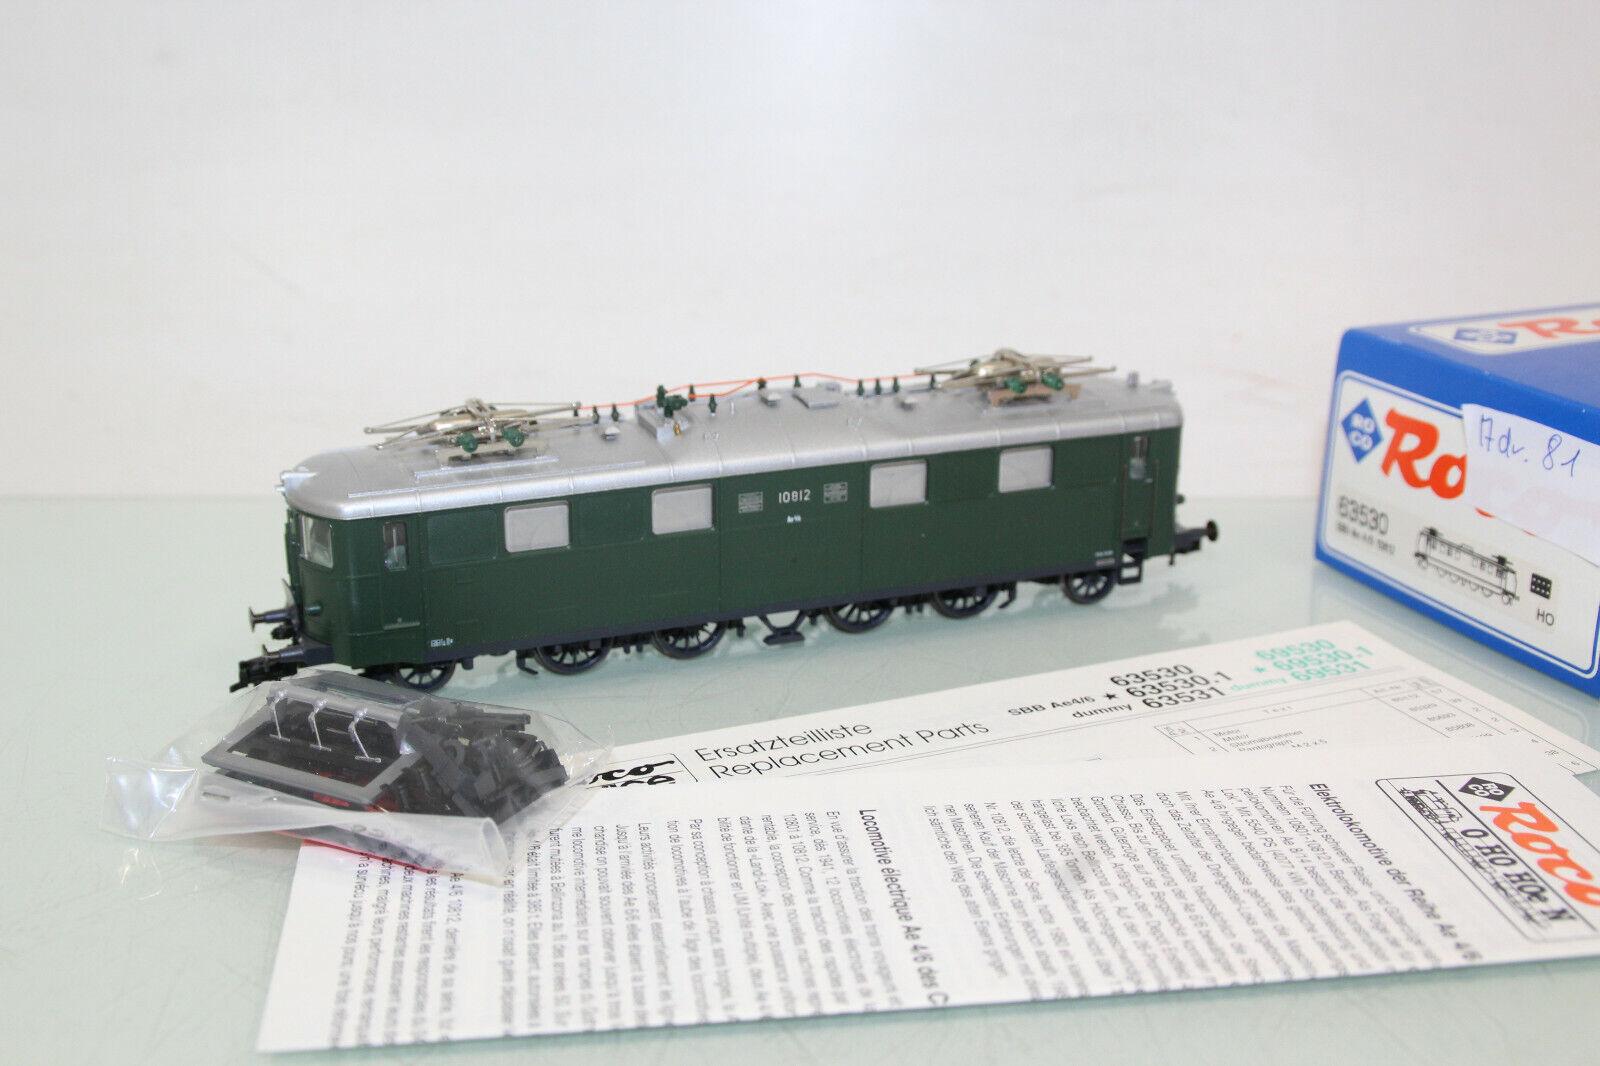 Roco H0 63530 E -Lok Ae 4  6 10812 der SBB Digital sehr gepflegt in OVP (SL9822)